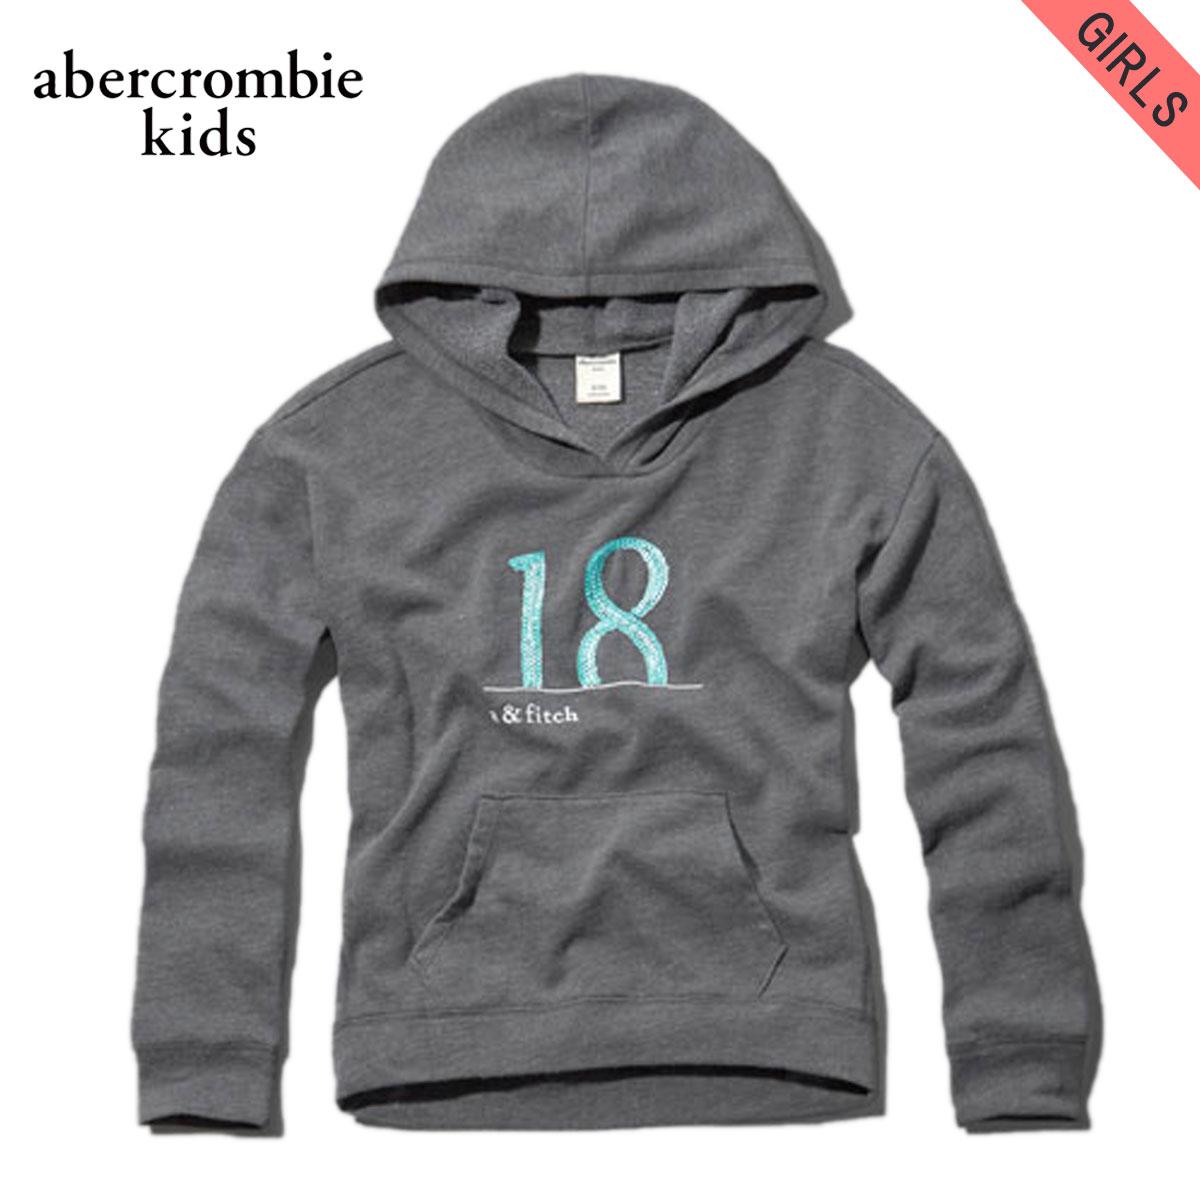 アバクロキッズ パーカー ガールズ 子供服 正規品 AbercrombieKids logo graphic hoodie 252-771-0287-013